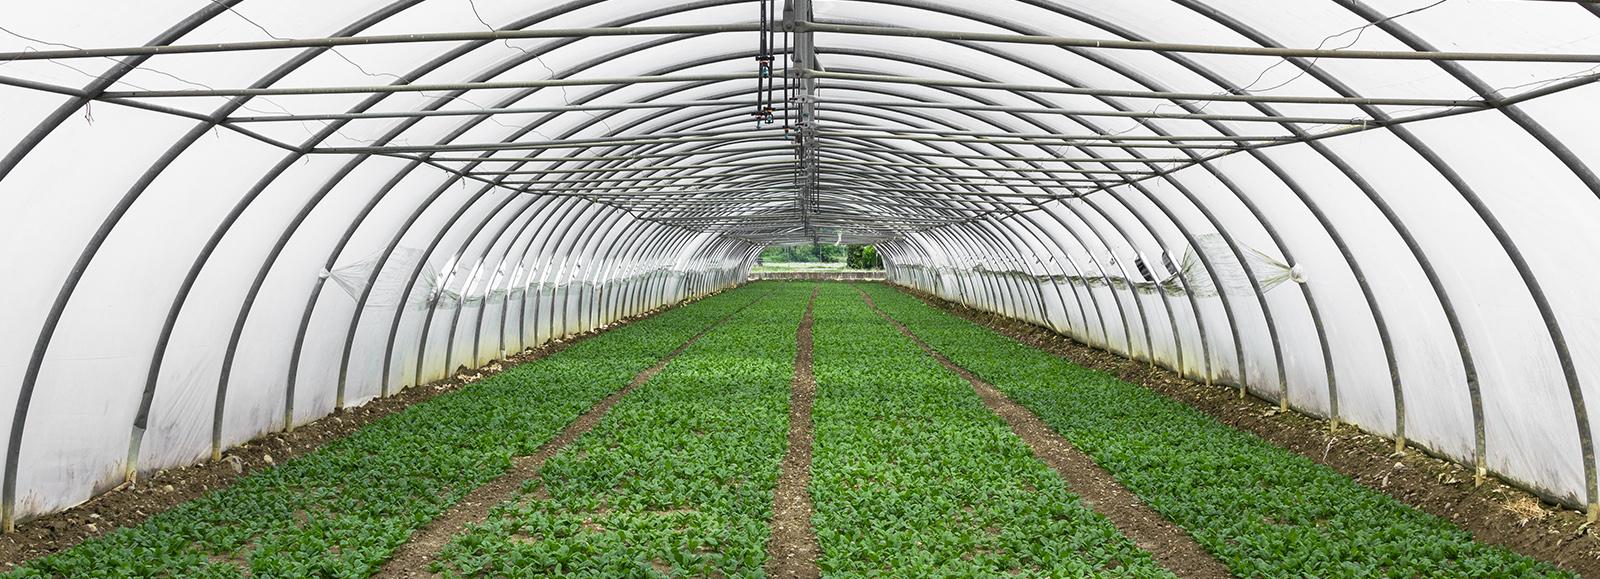 CColorado Pest Pros - Dispensaries & Greenhouses